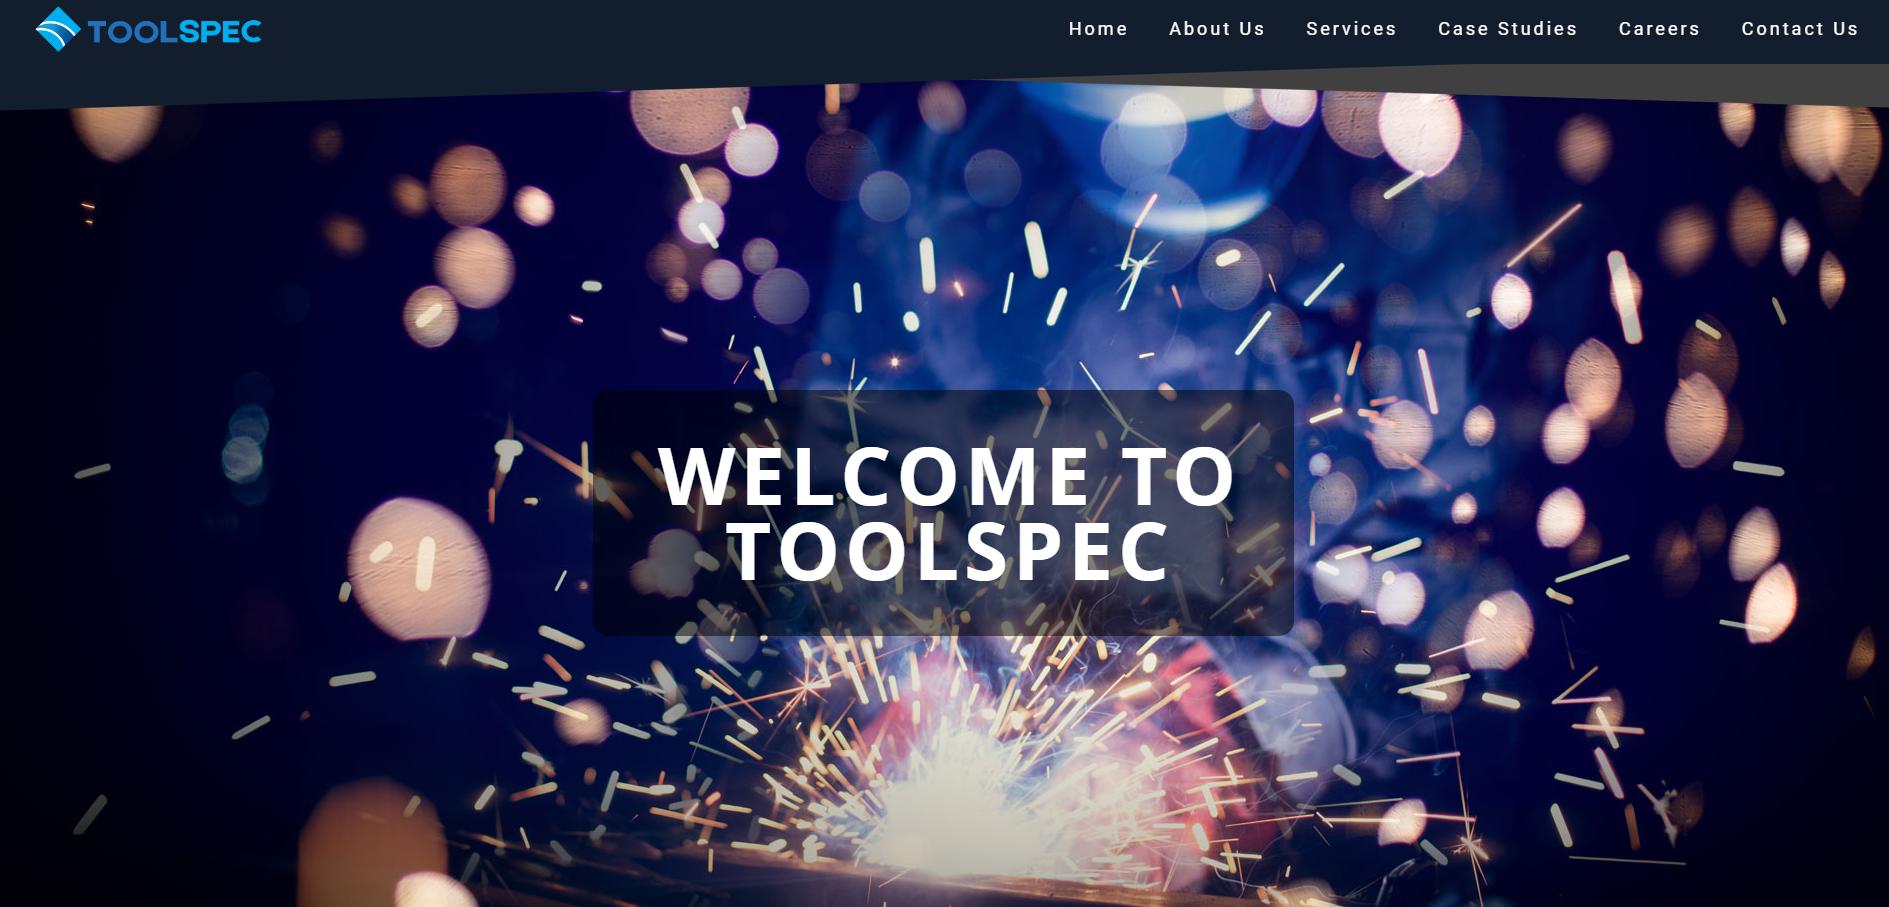 toolspec-1